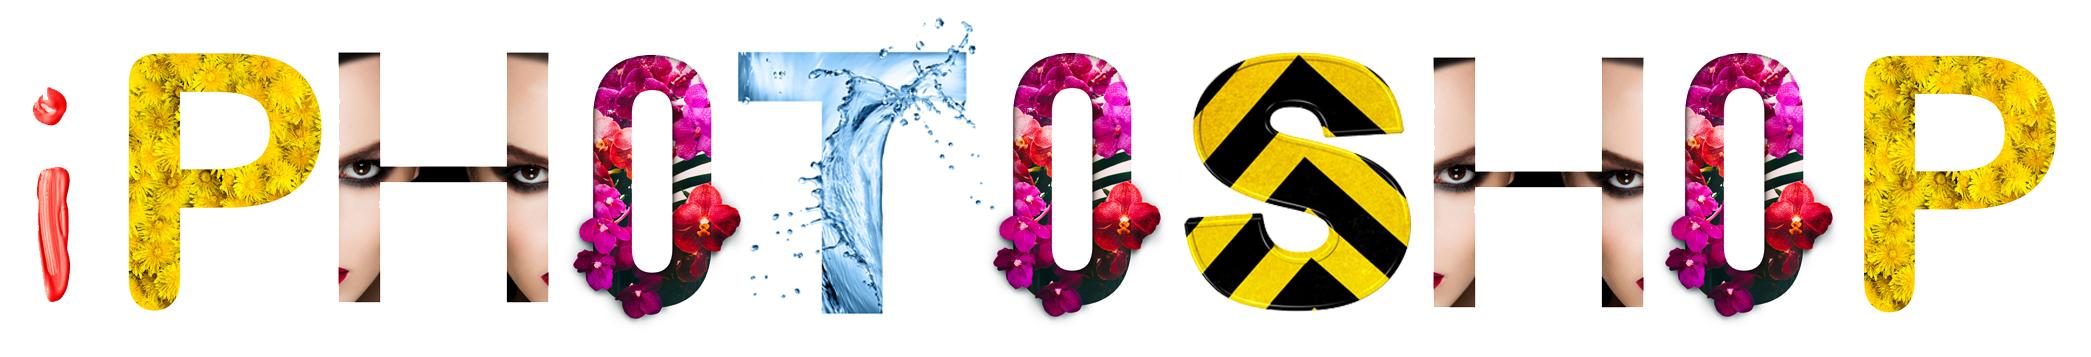 iphotoshop logo letters signature watermark photoshop style font typeface